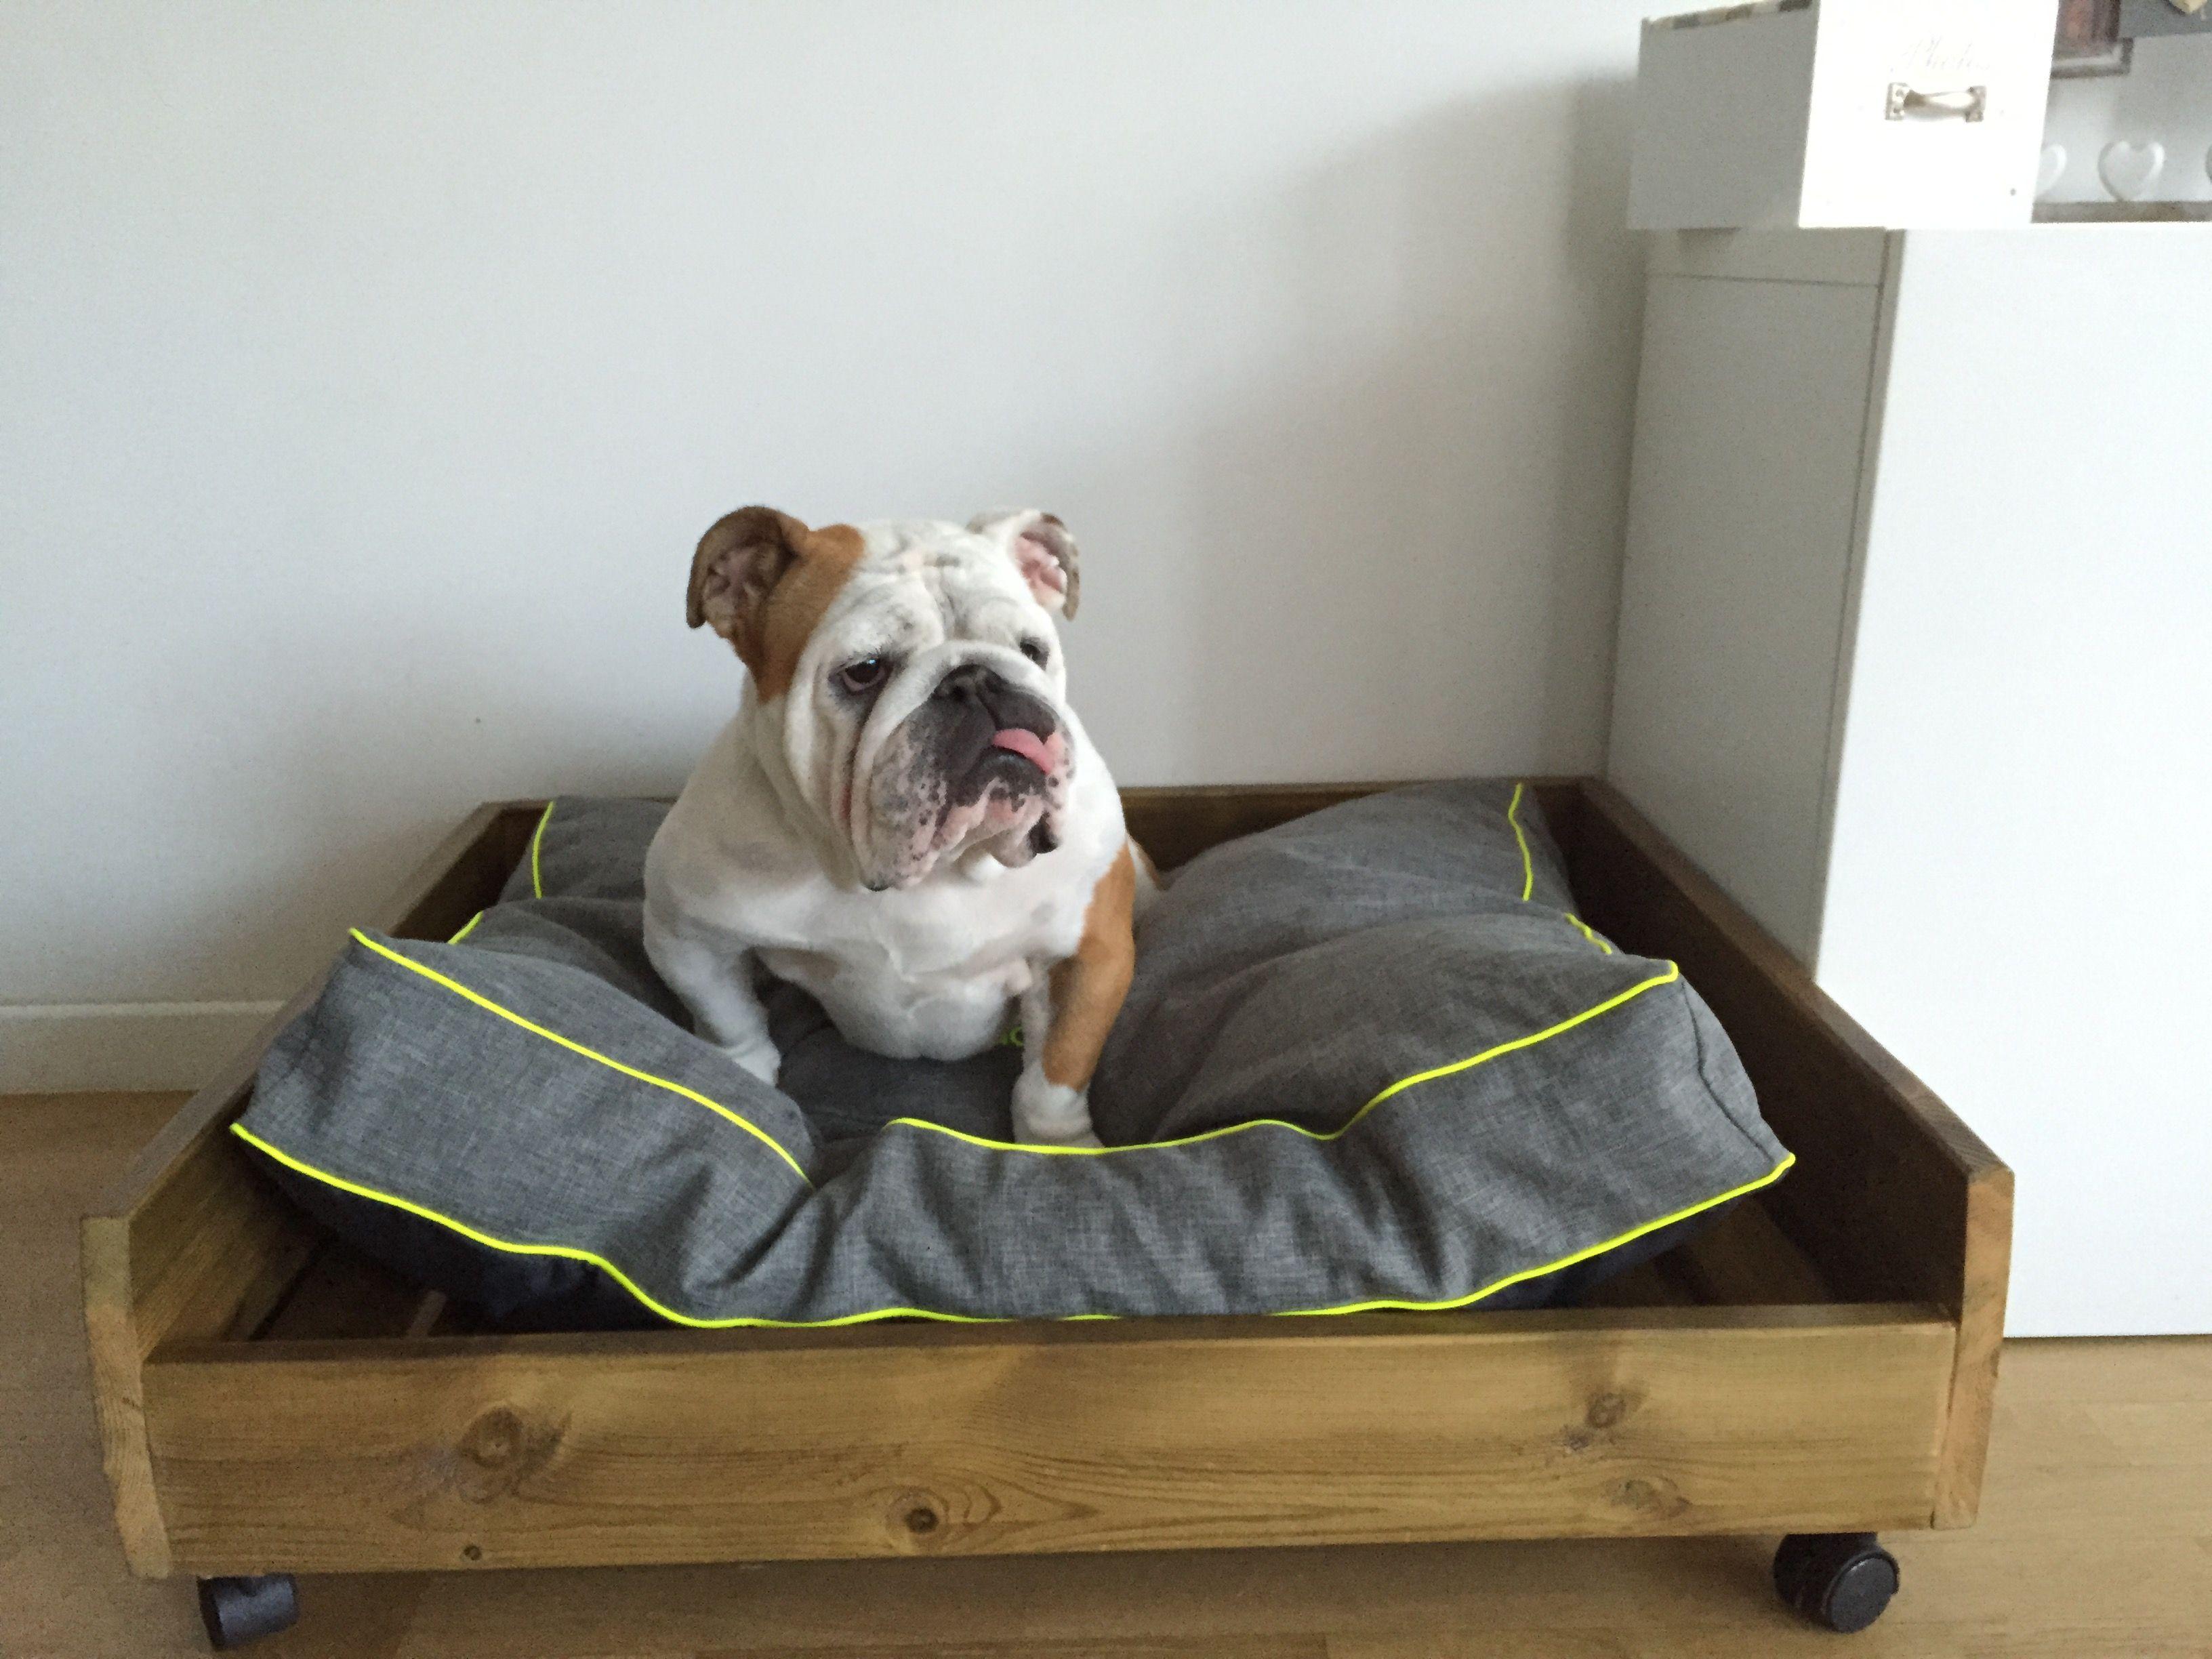 diy panier pour chien diy dog bed toutous pinterest panier chien panier et panier pour. Black Bedroom Furniture Sets. Home Design Ideas